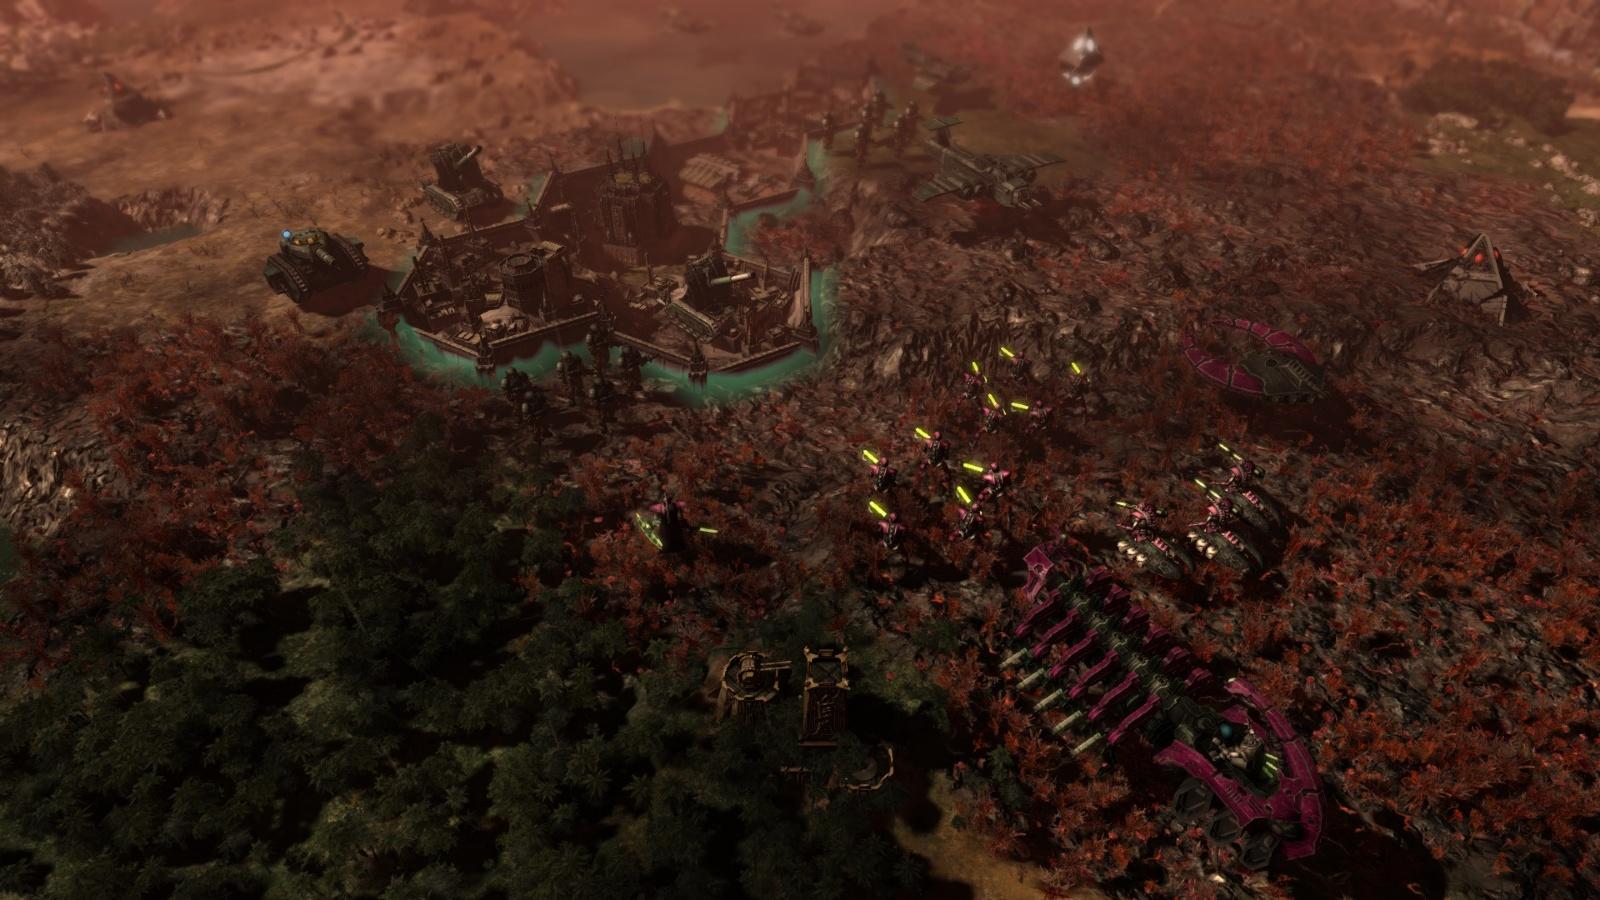 Čtyři odlišné zážitky slibuje 4X strategie ze světa Warhammeru 40,000 153196